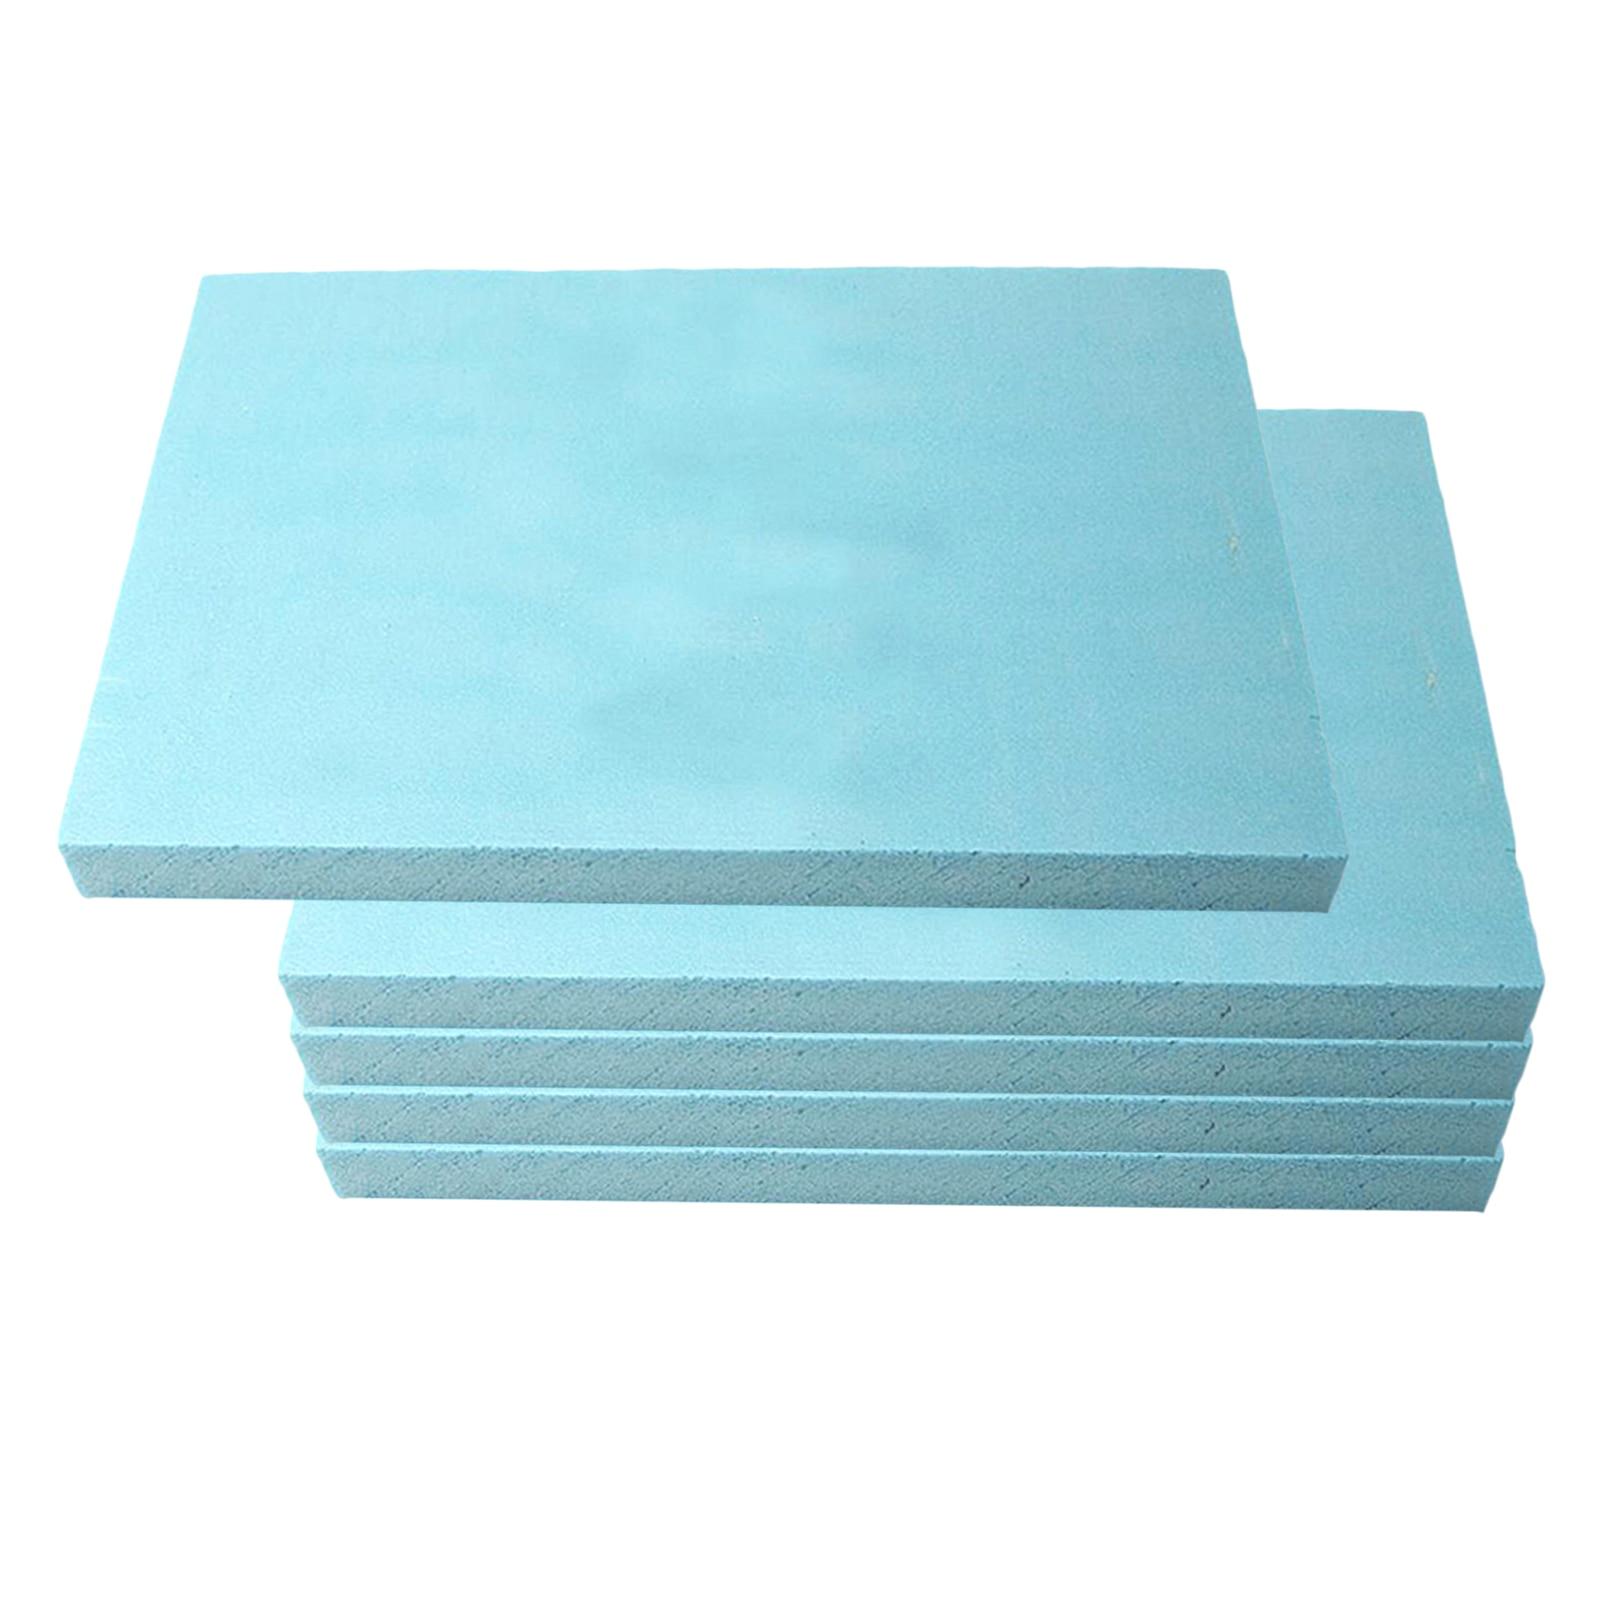 5 pçs diorama mesa de areia em miniatura diy paisagem cenário construção brinquedo placa espuma modelagem fácil cortar 30x20x2cm